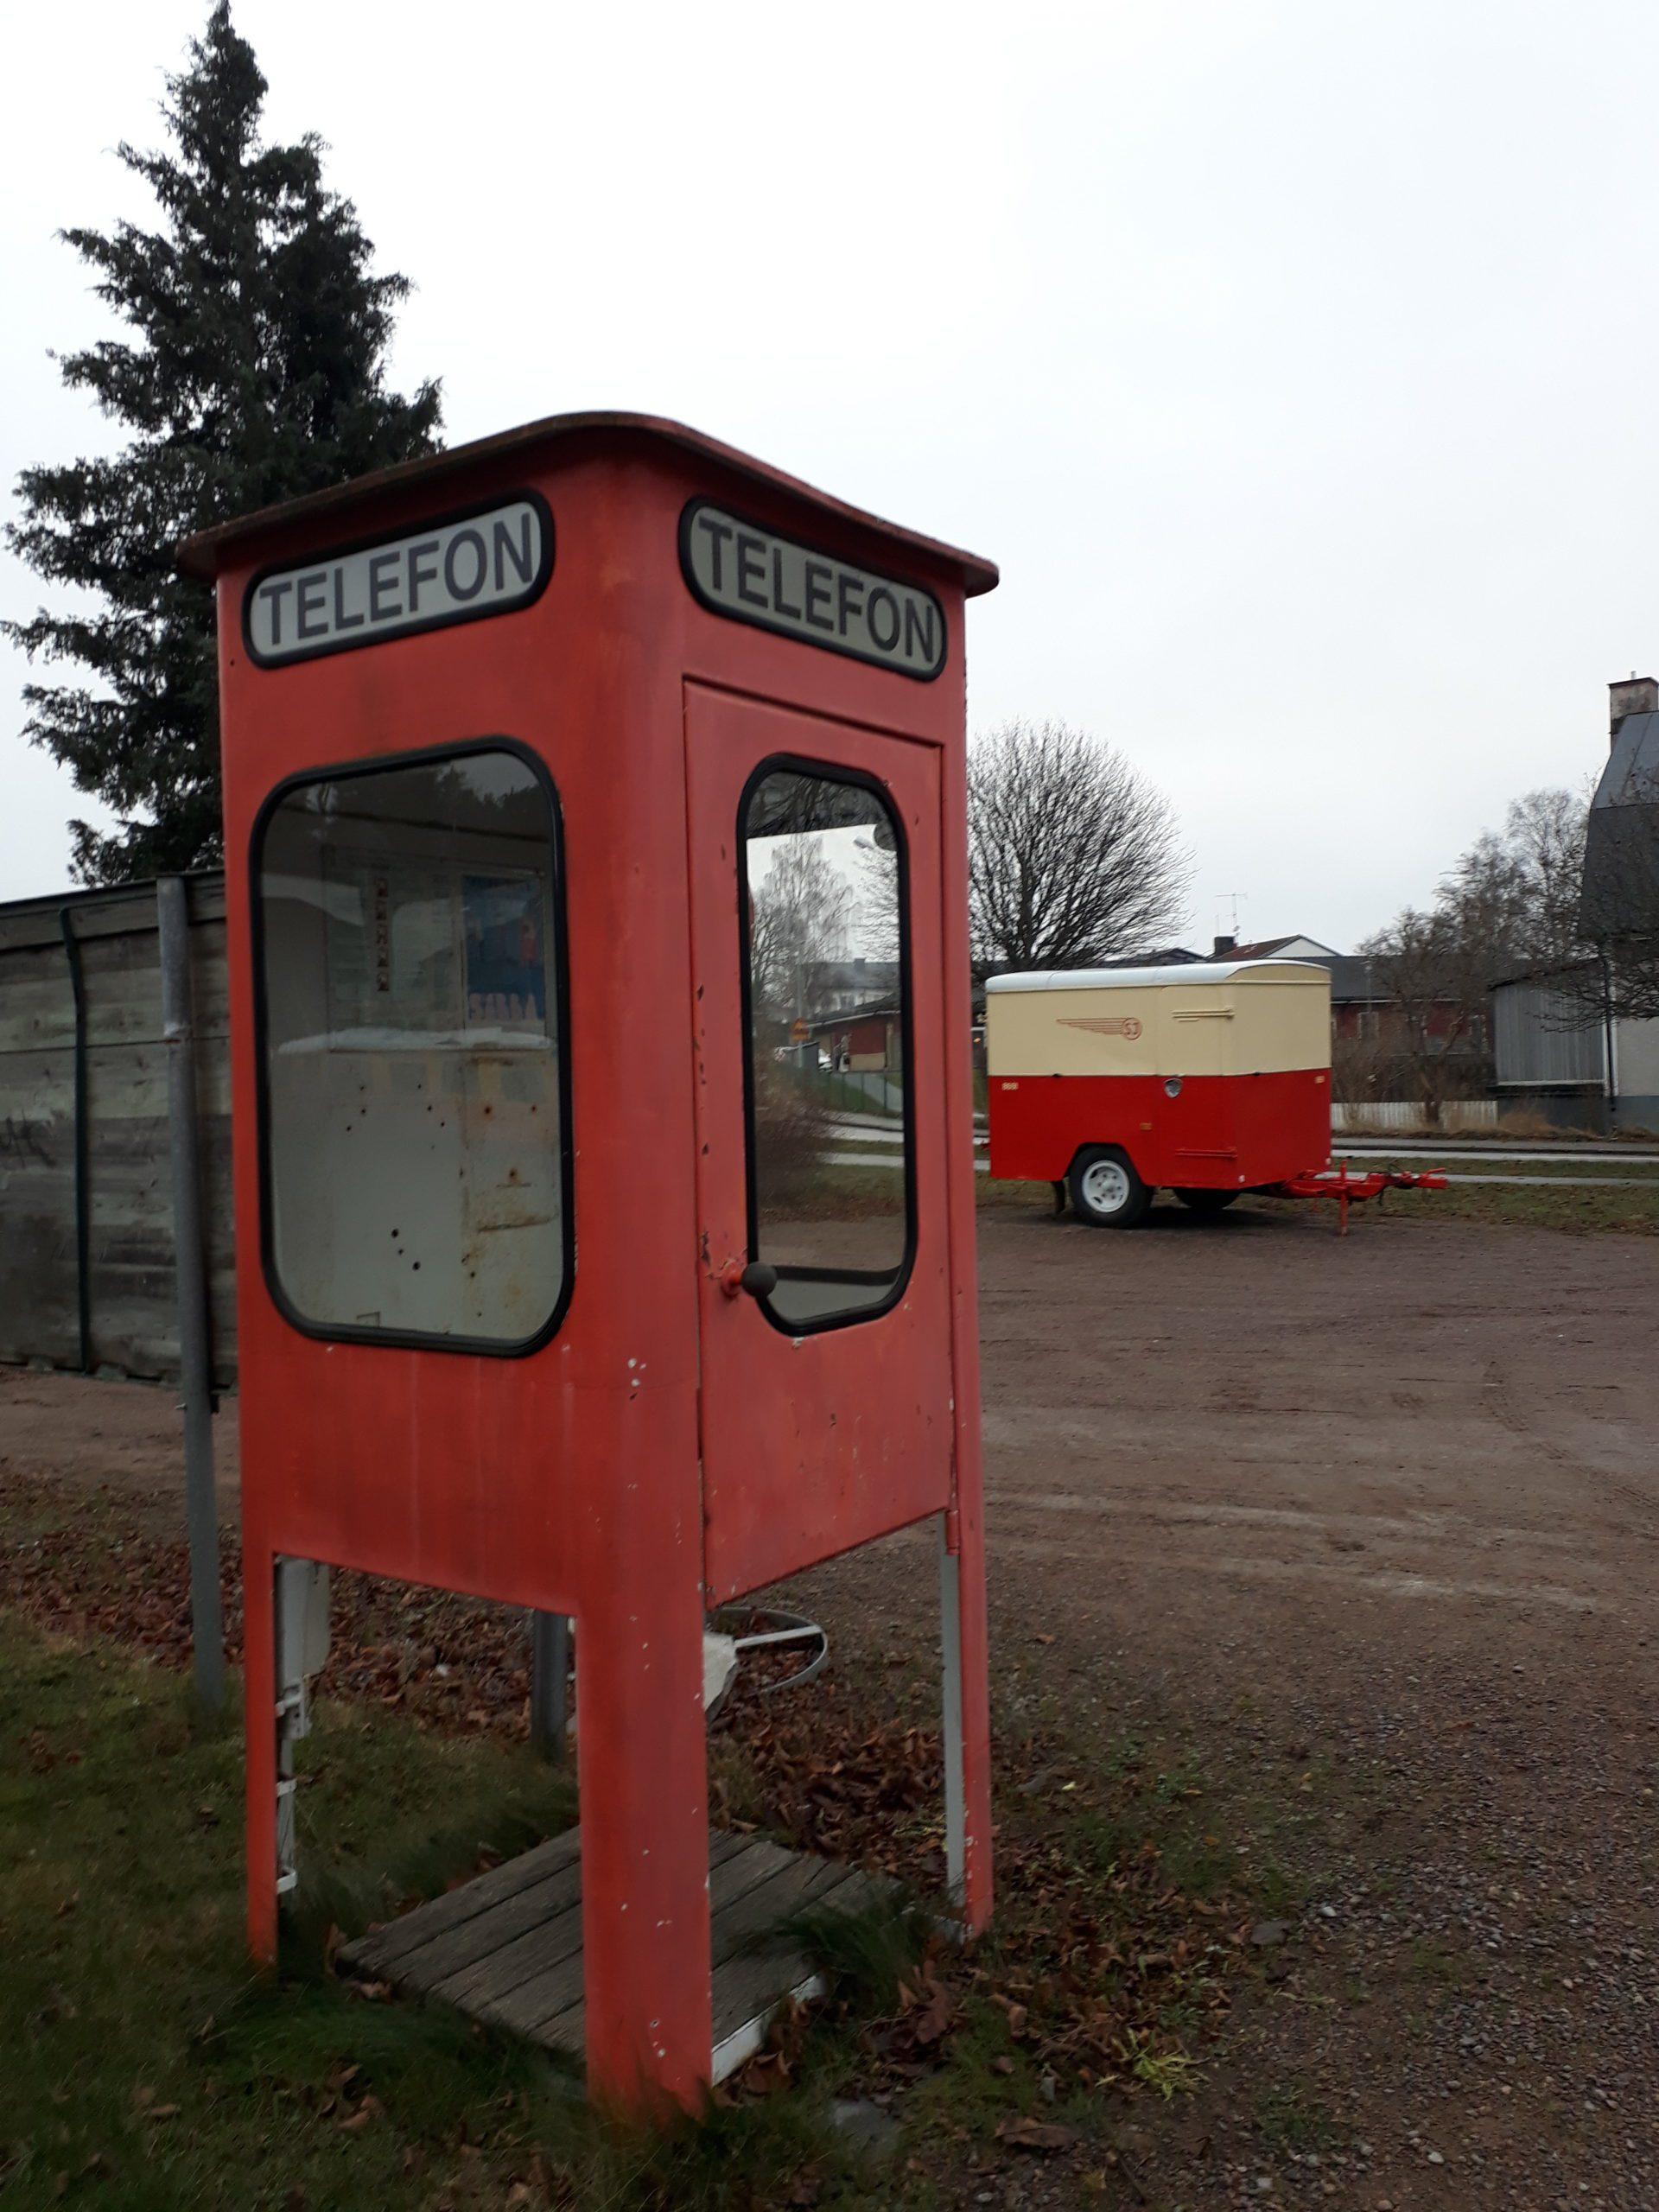 Runhare kiosk chishuwo naLotta Svanström